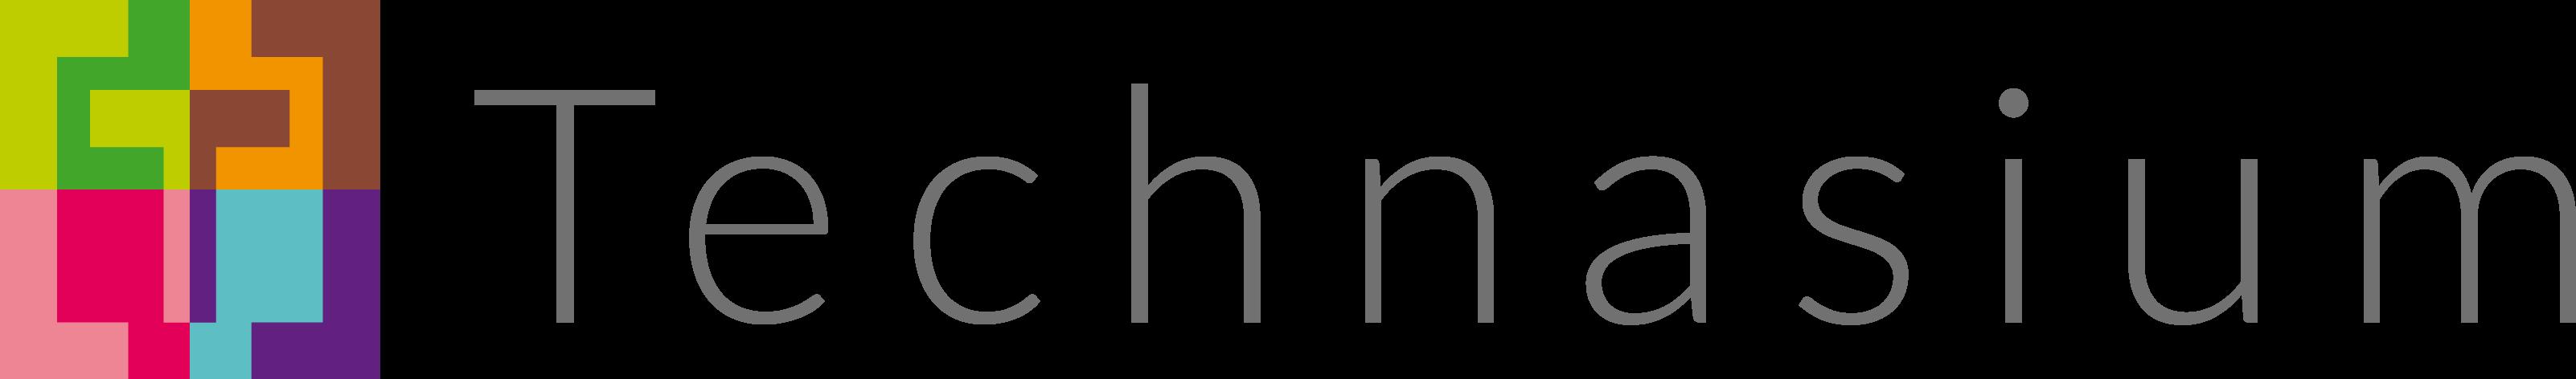 Logo-Technasium-PNG-liggende-variant-voor-website-transparant1